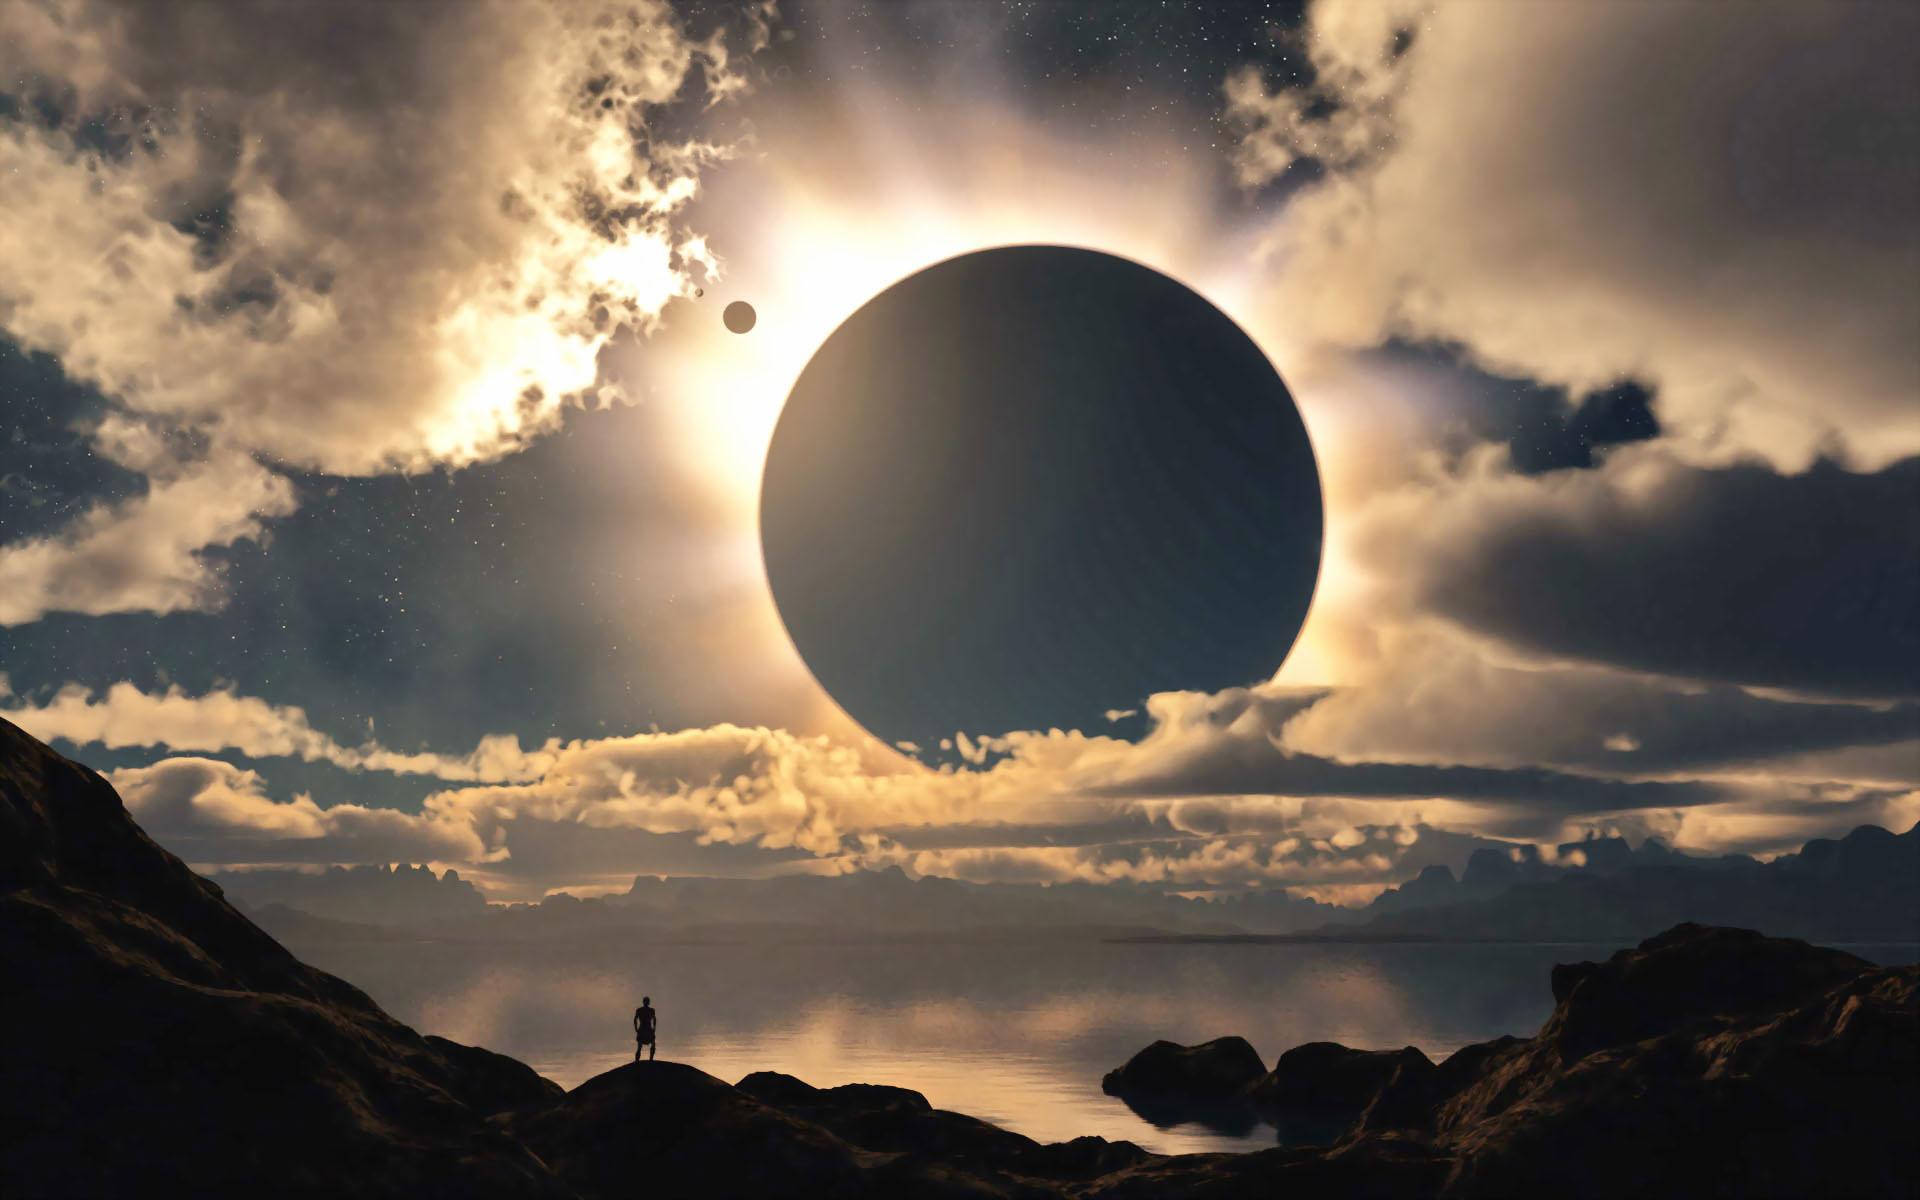 Затмение 2020. Что предвещает черное Солнце високосного года